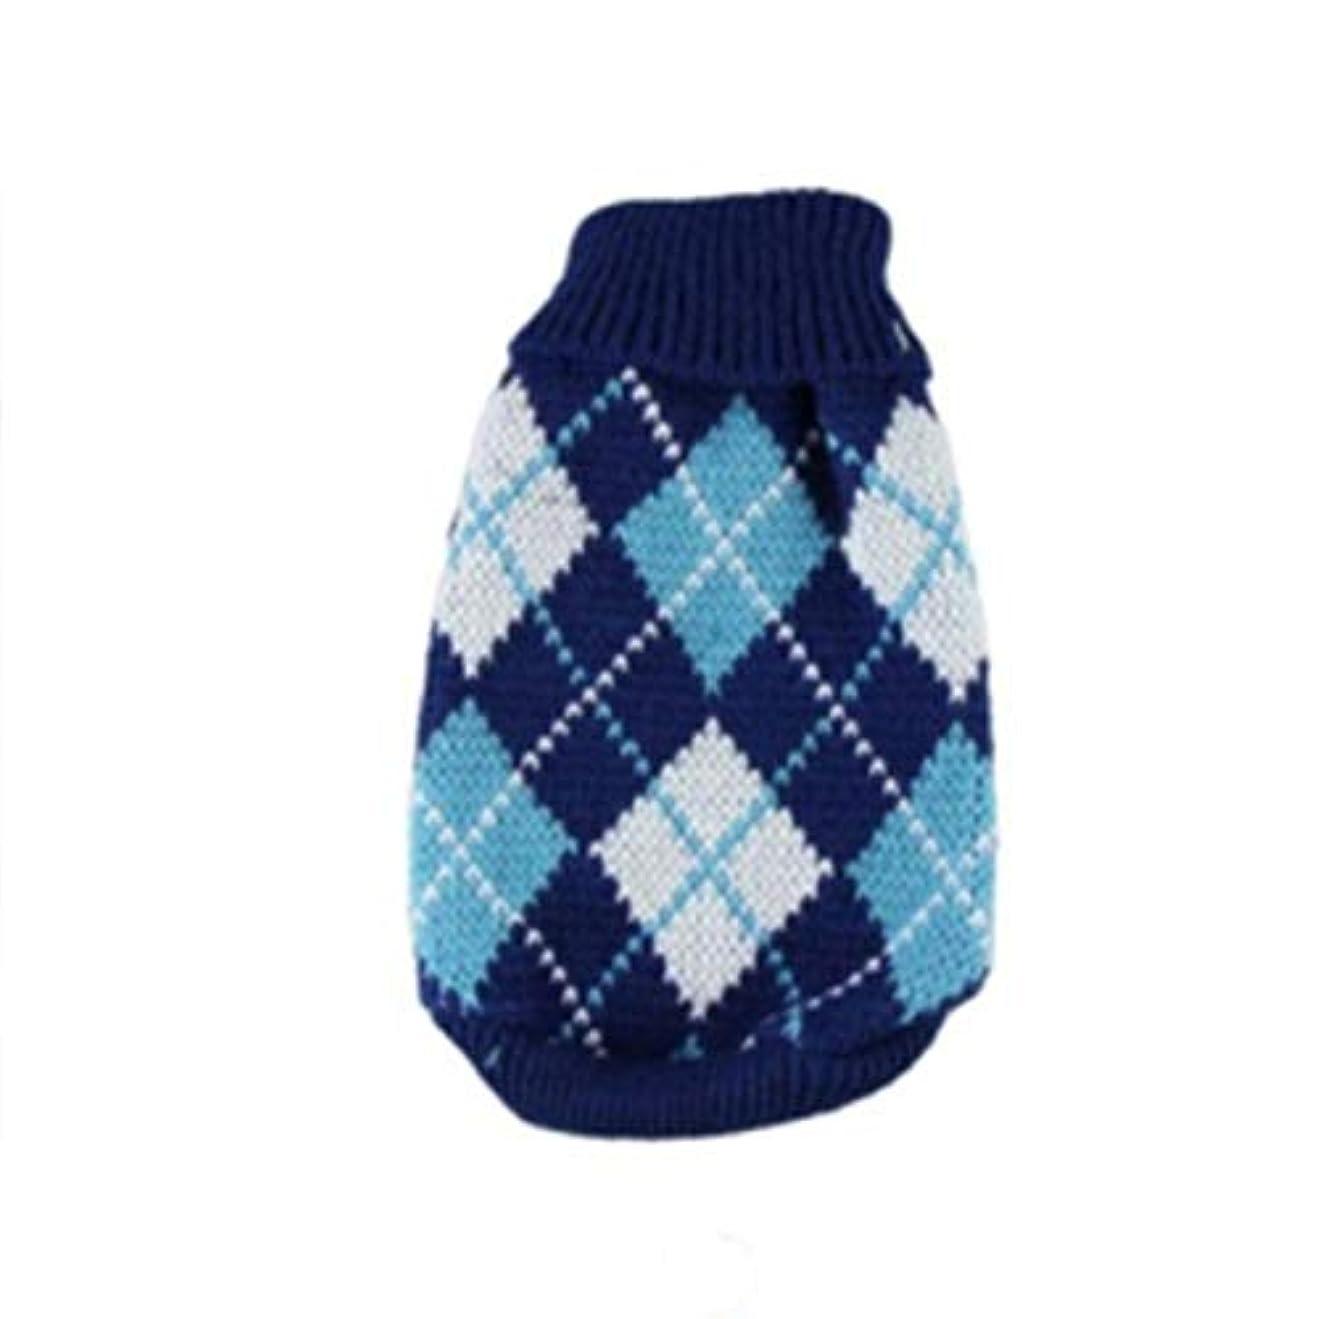 値下げ医薬インディカSaikogoods 軽量ペットの暖かいセーターユニバーサル犬服ファッションソフト犬服ハイカラー快適なペットのコート 青 XS